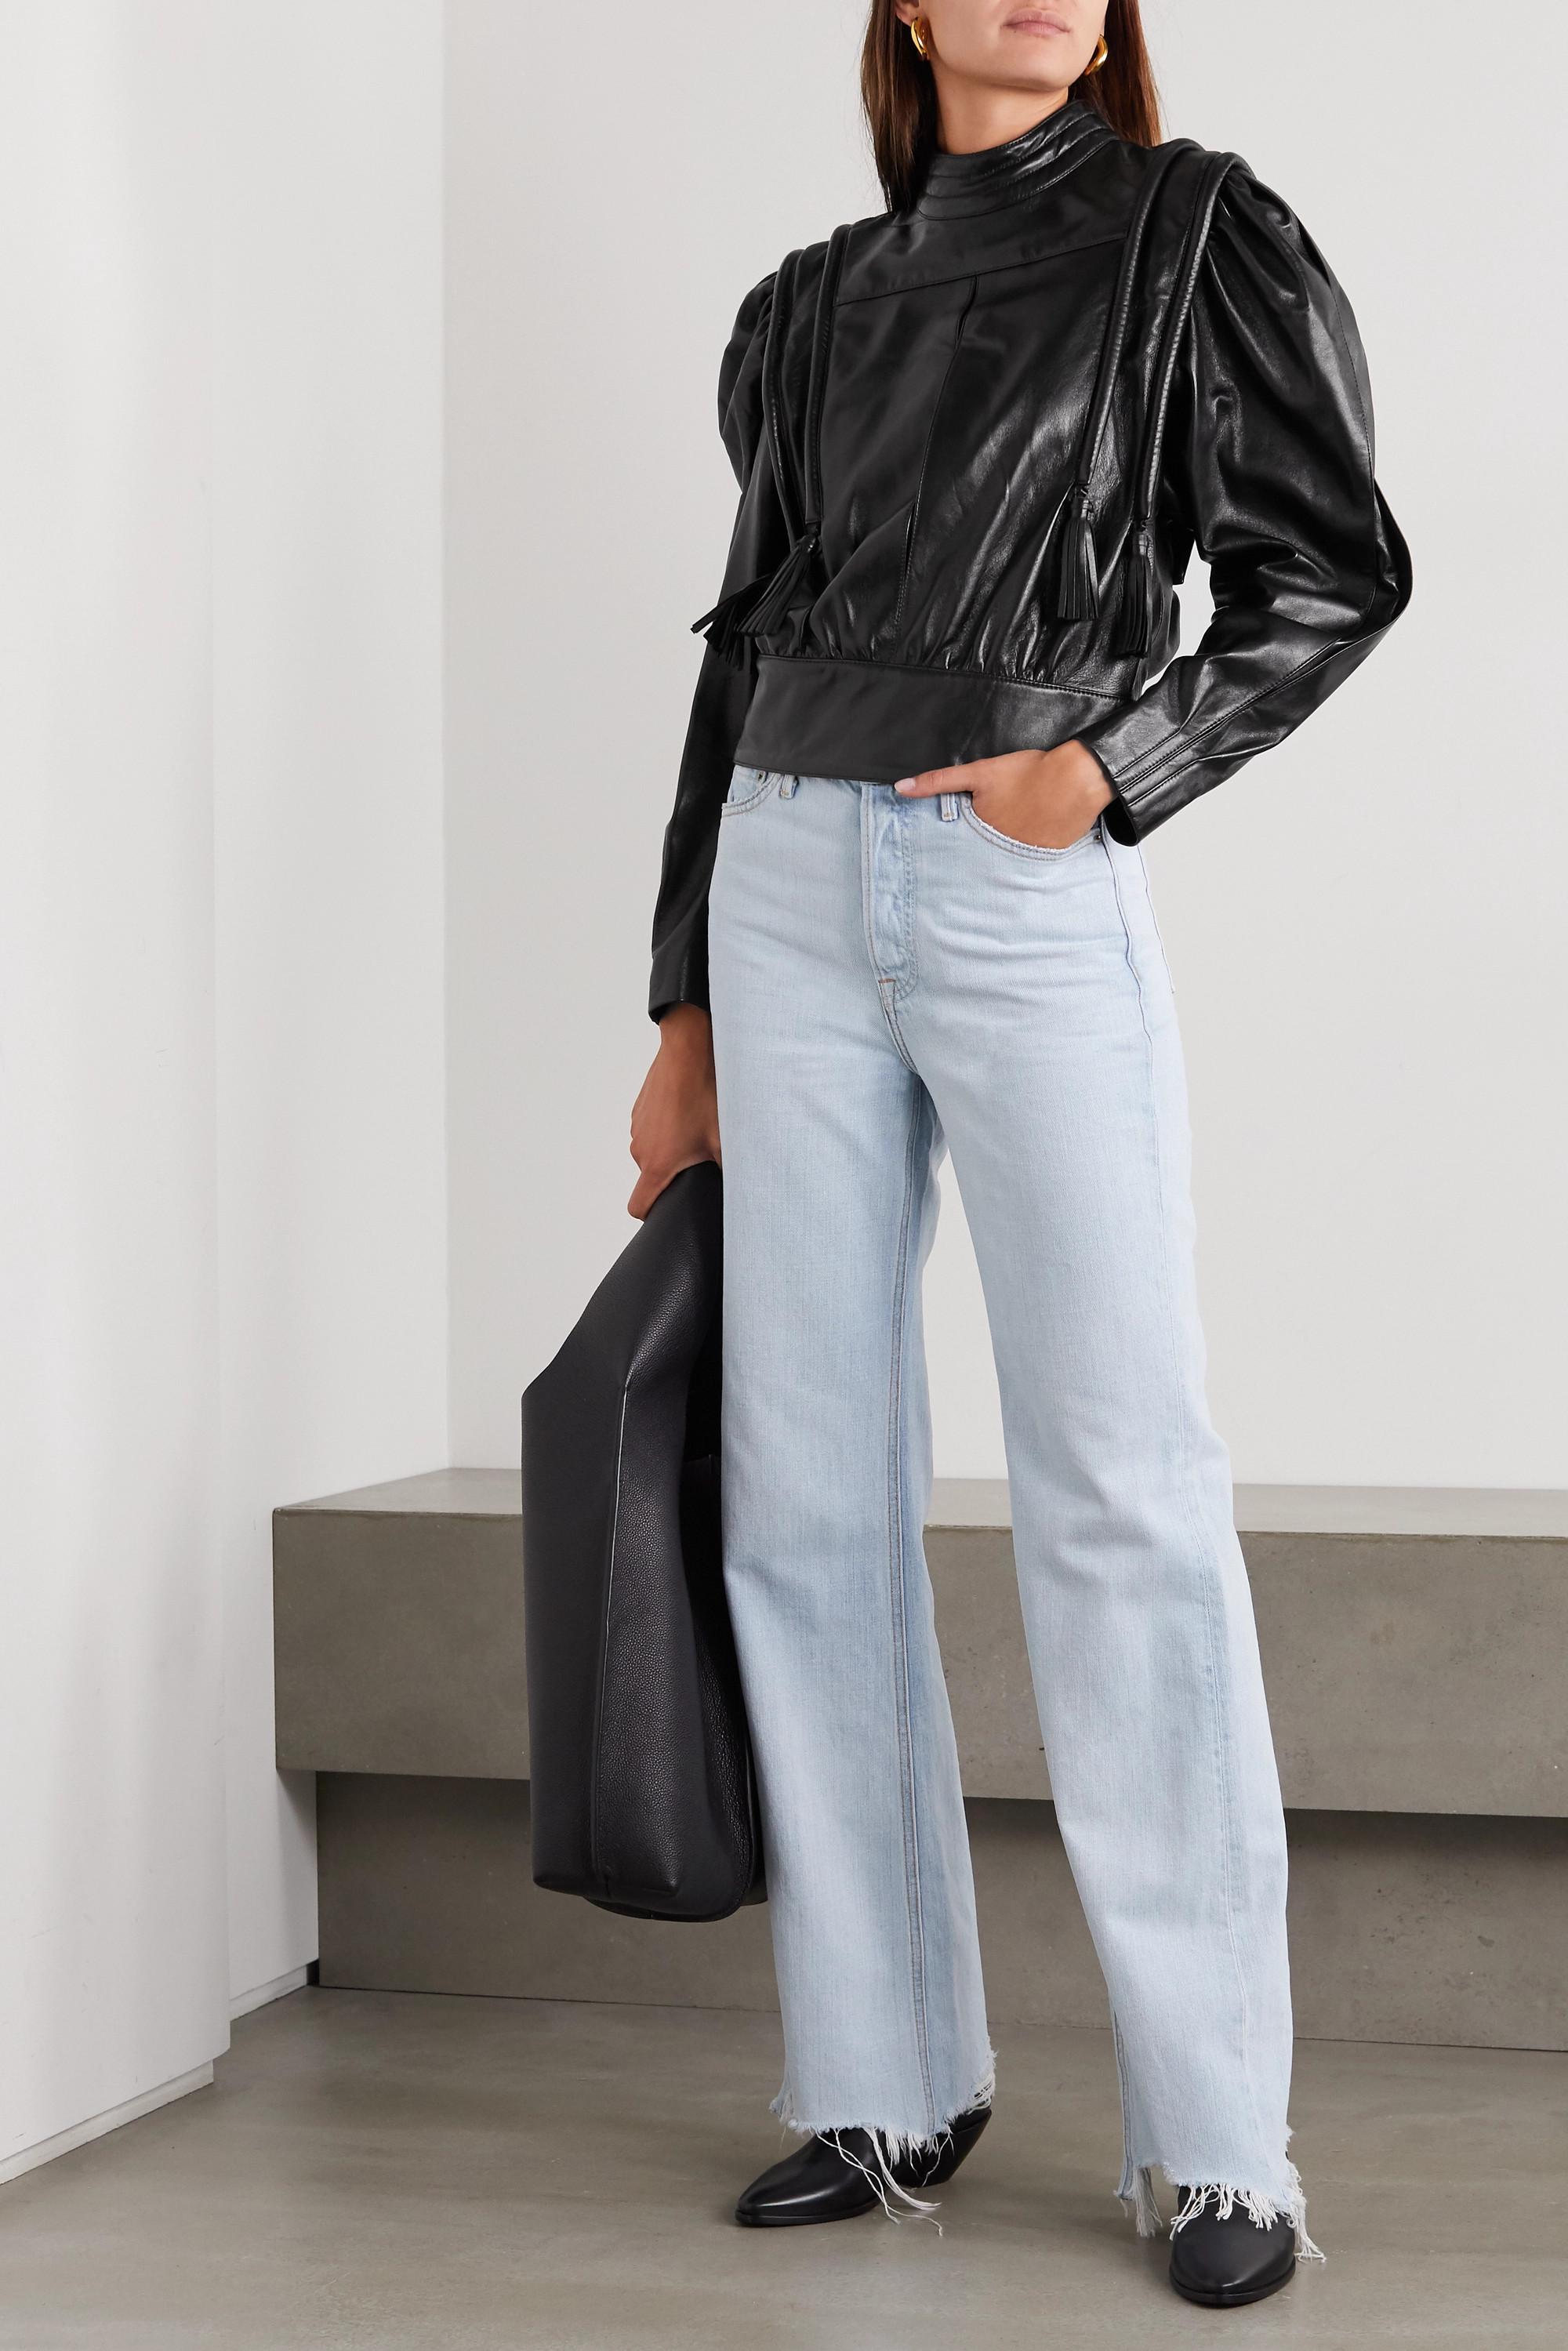 Isabel Marant Lars leather blouse